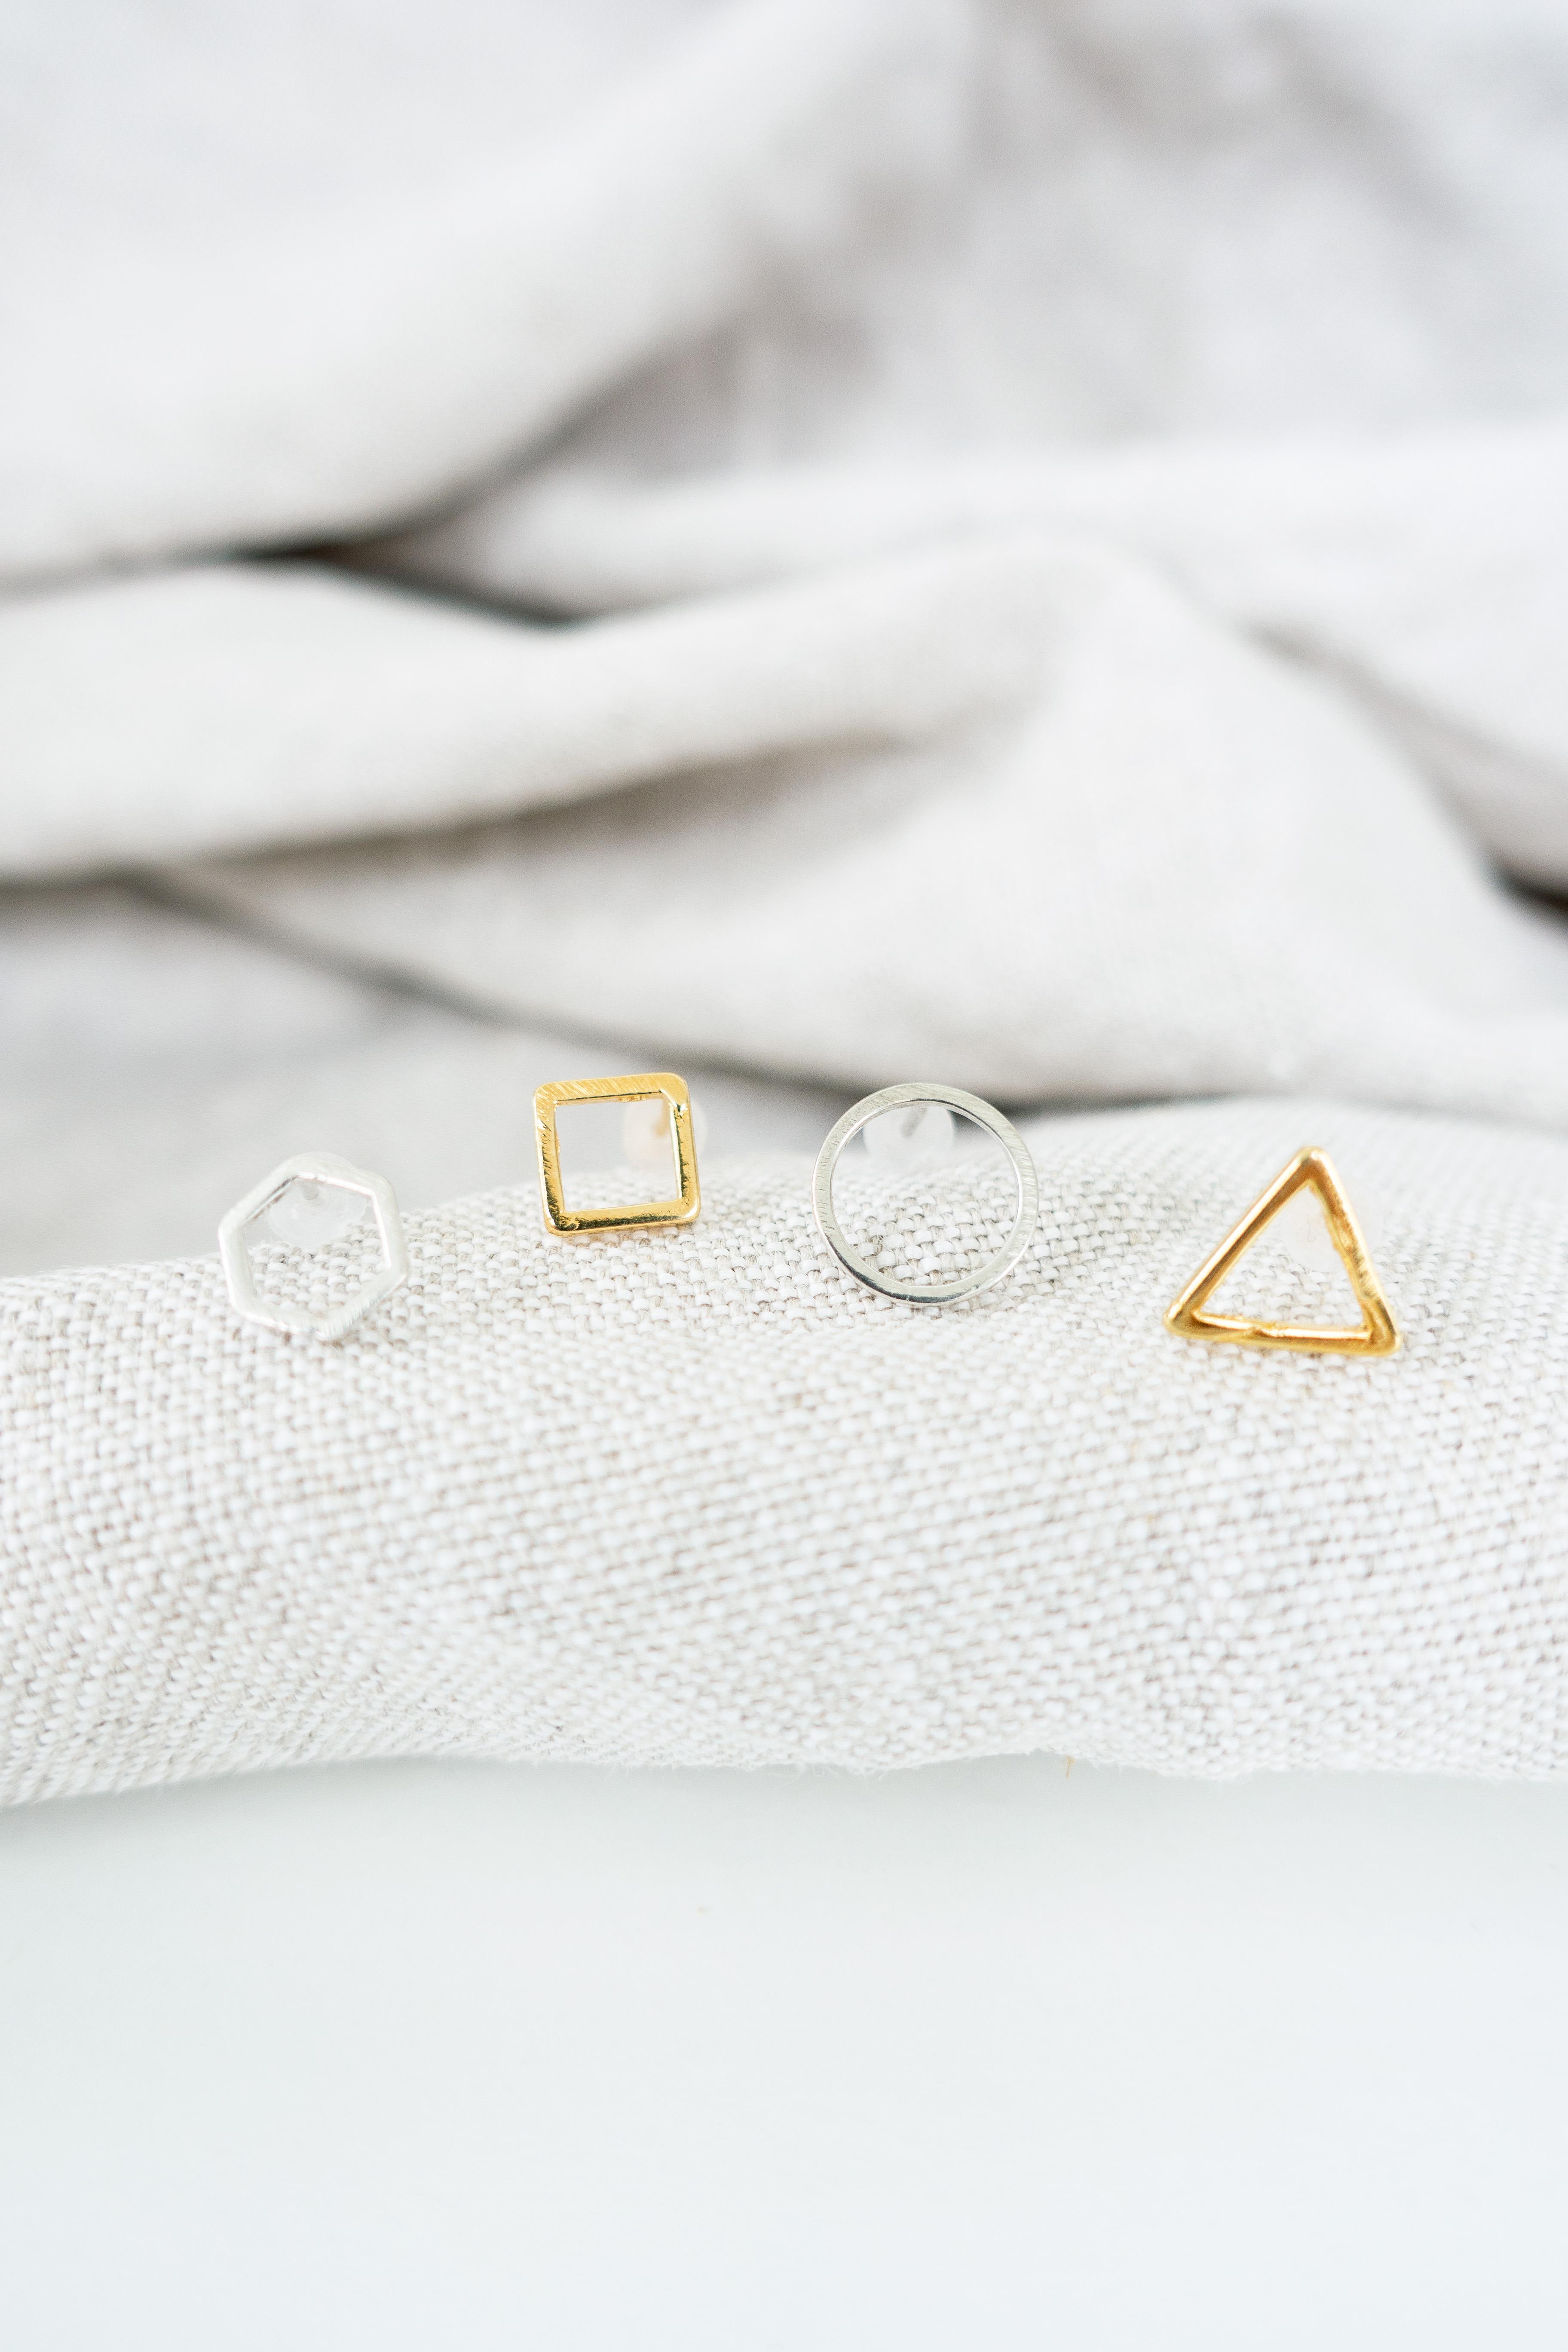 Introducing: Geometric Stud Earrings